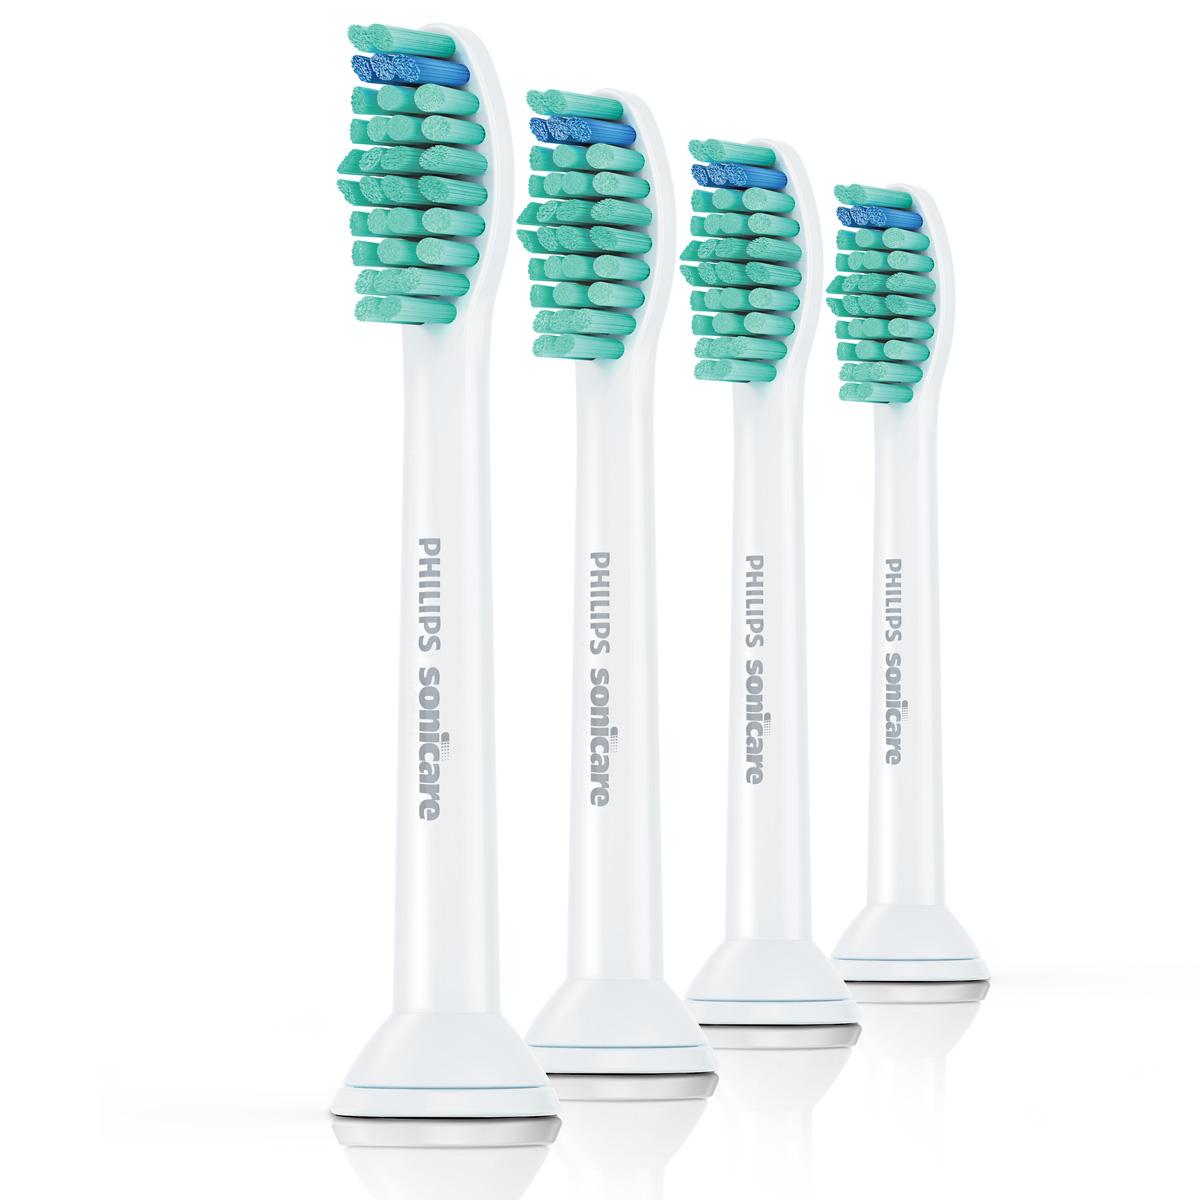 Philips HX6014/07 чистящая головка для зубного центра FlexCare и звуковой зубной щетки HealthyWhite, 4 штHX6014/07Сменные насадки для зубного центра FlexCare и звуковой зубной щетки HealthyWhite.Расположенная под углом щетина радиальной формы увеличивает обрабатываемую поверхность:Изогнутая поверхность за счет расположенной под углом щетины радиальной формы способствует плотному контакту с поверхностью зубов и десен, так как насадка щетки поворачивается и охватывает больший участок - при этом размер чистящей насадки не увеличивается.Закругленная щетина повторяет форму зубов:Щетина электрической зубной щетки Philips Sonicare имеет закругленный срез, что идеально подходит для естественной формы зубов. Длинные и короткие щетинки по всей длине насадки отличаются эргономичным дизайном, который учитывает рельеф зубов и обеспечивает максимальную эффективность чистки между зубами.Дизайн насадки увеличивает звуковую вибрацию:Благодаря продуманному дизайну и высокой точности конструкции сменные насадки Philips Sonicare в сочетании с запатентованной звуковой технологией и несколькими режимами чистки на выбор гарантируют тщательную чистку.Индикаторные щетинки обеспечивают эффективность чистки:По индикаторным щетинкам можно легко определить, когда необходимо заменить насадку. Через три месяца регулярного использования щетинки изнашиваются, и эффективность чистки снижается. Меняйте насадки каждые 3 месяца.